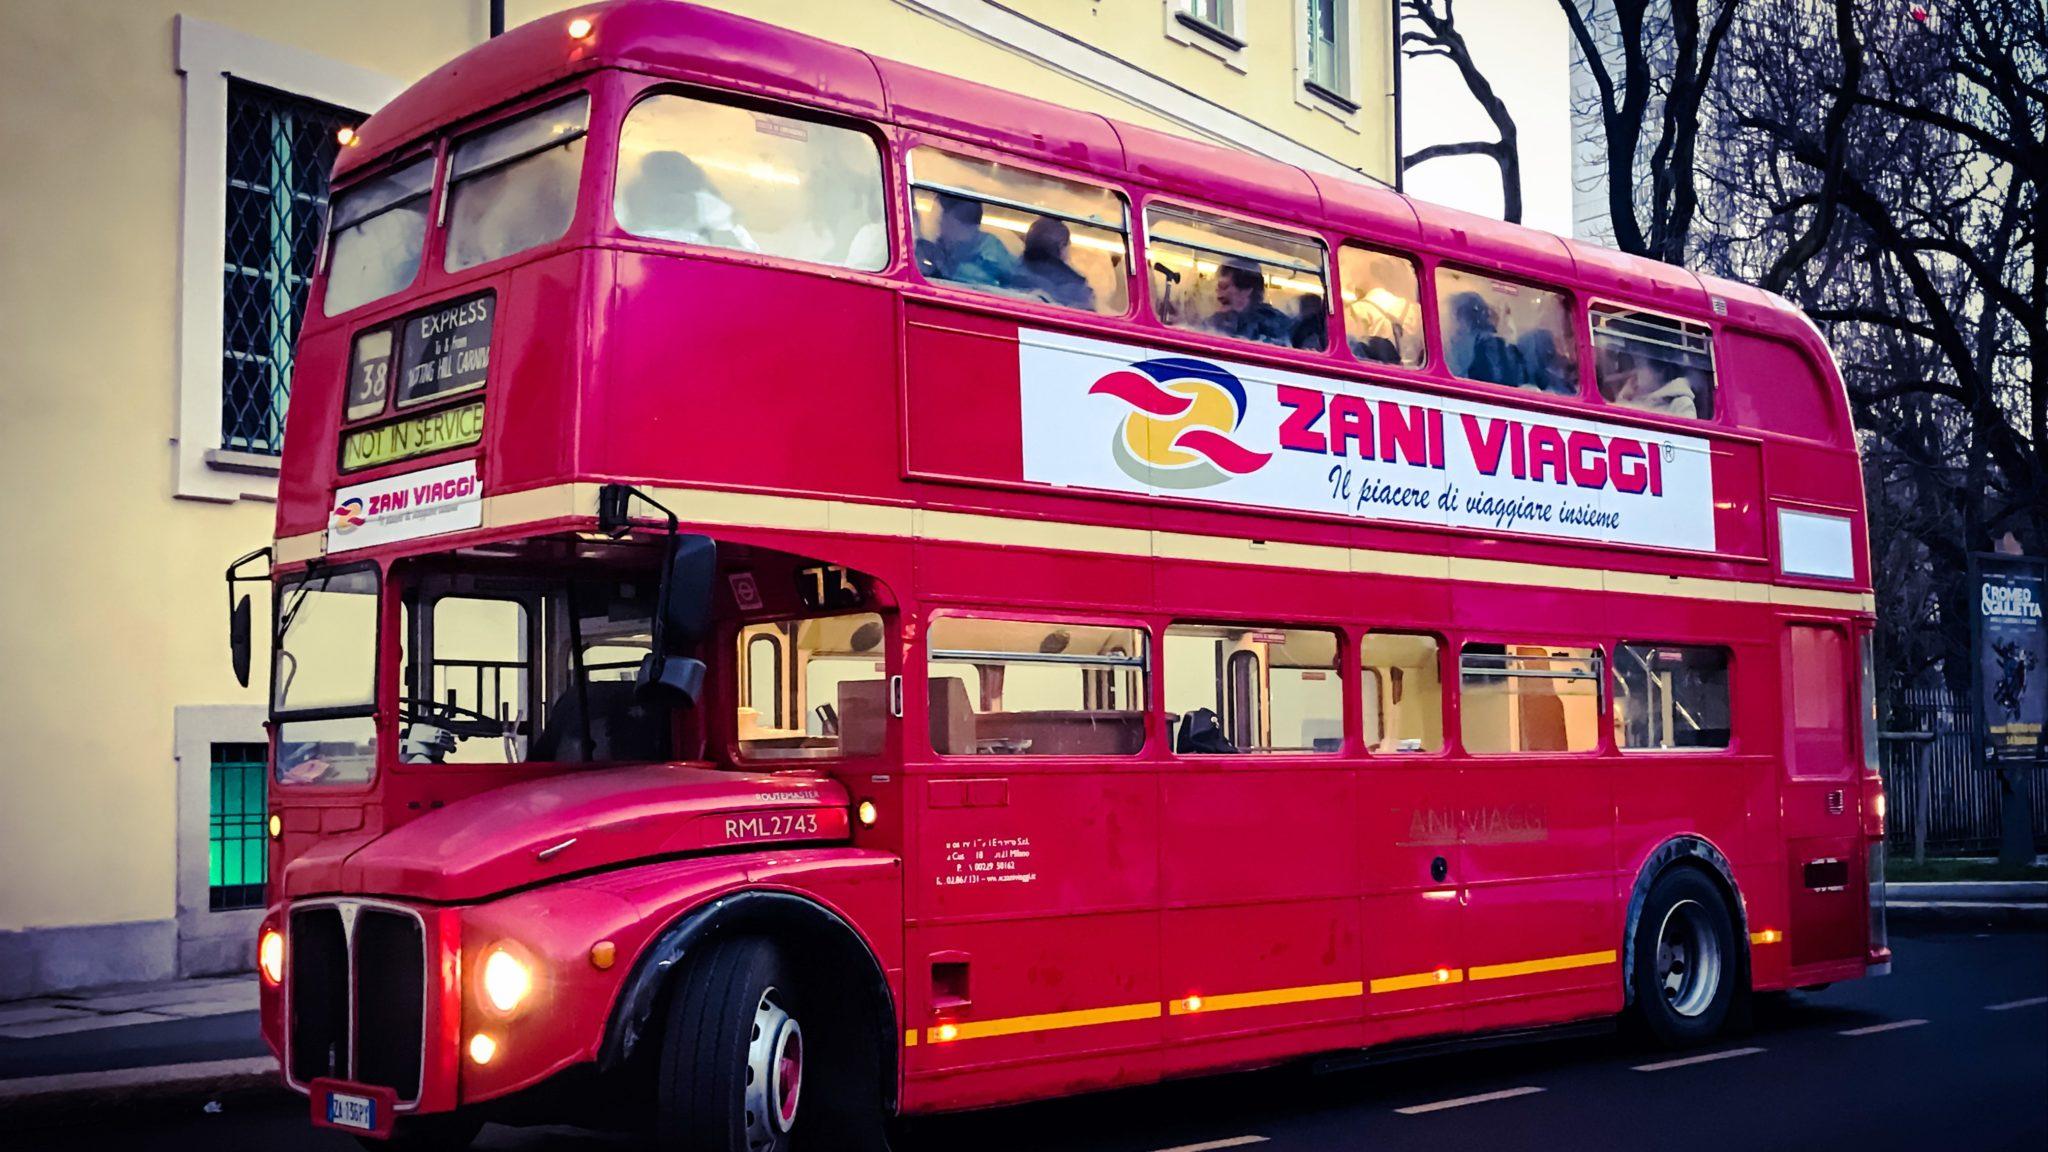 Neiade milano tours con il bus rosso a due piani alla for Aprire i piani casa a due piani di concetto